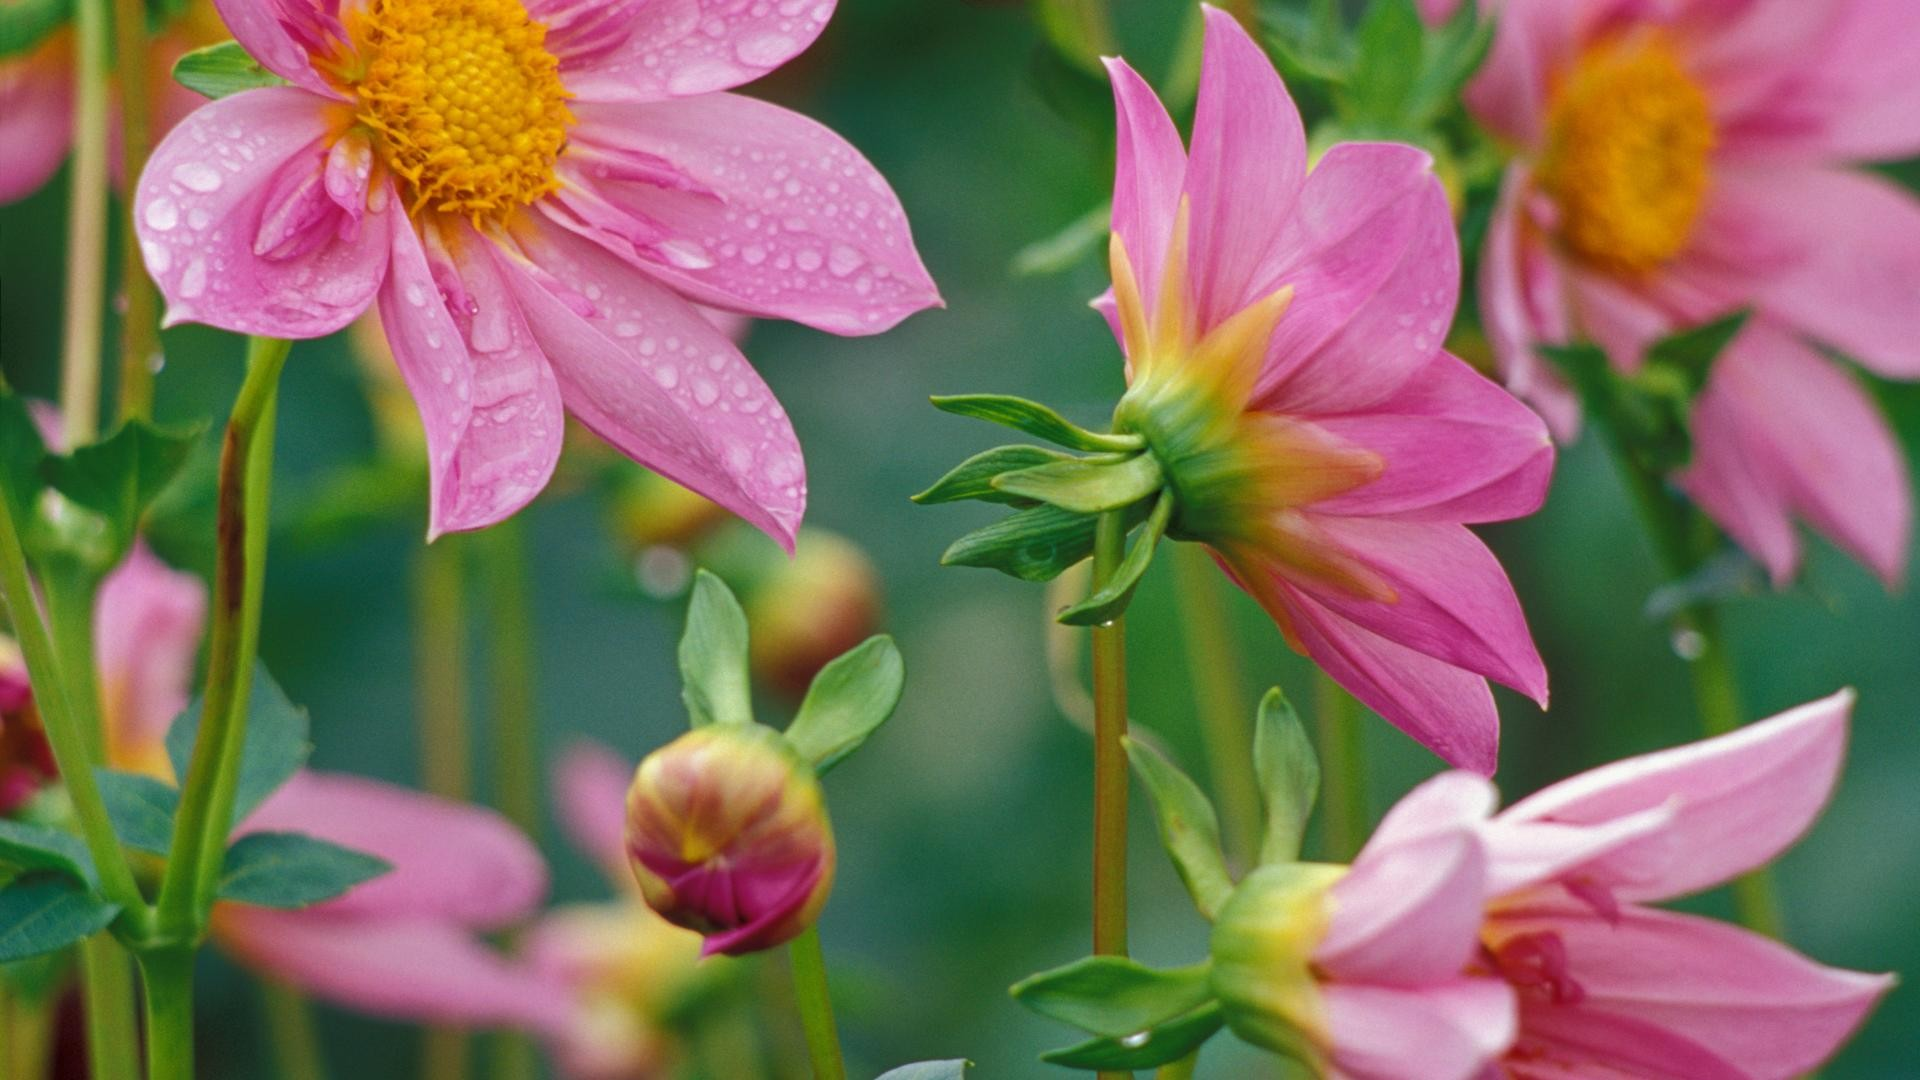 Flores rosadas - 1920x1080